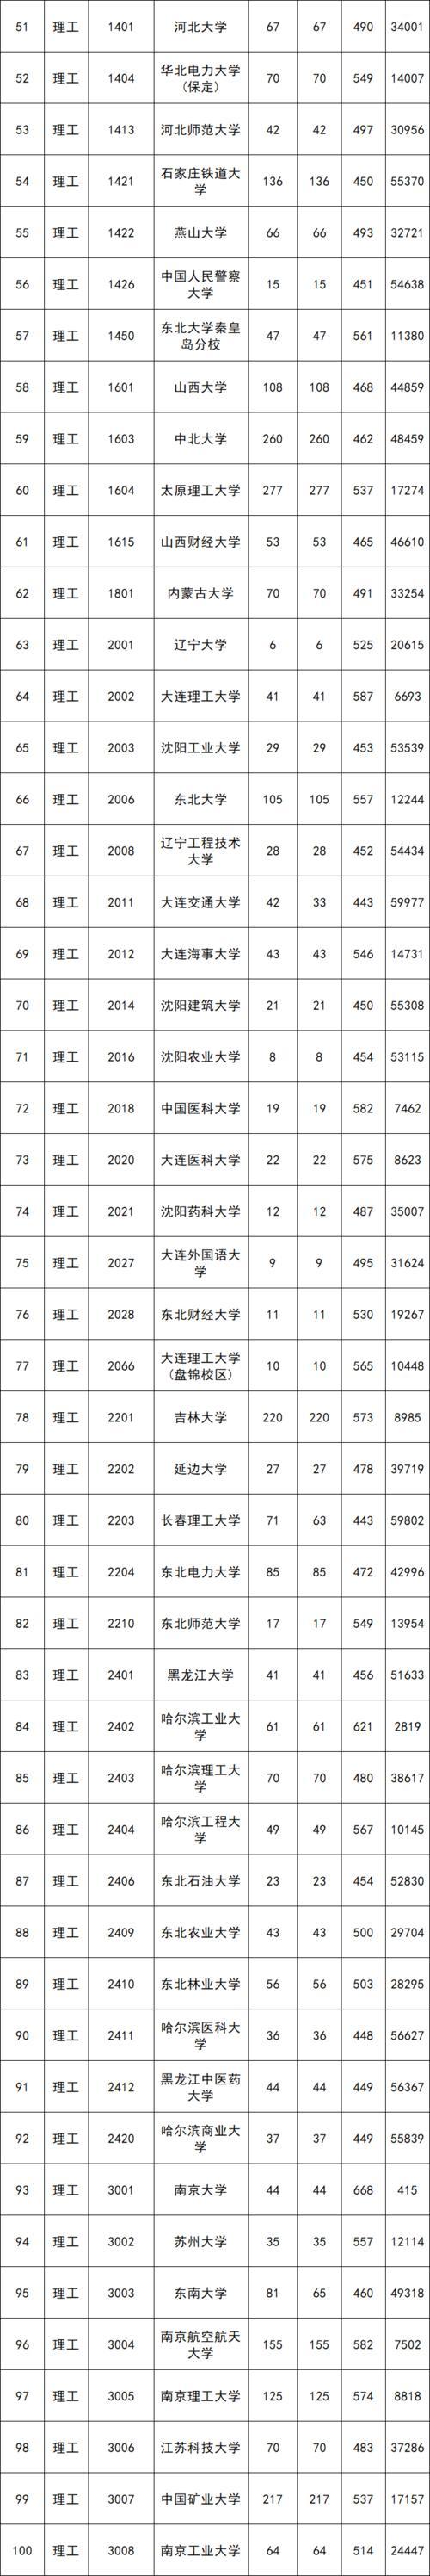 2021陕西本科一批院校第二次模拟投档最低分及位次文理科